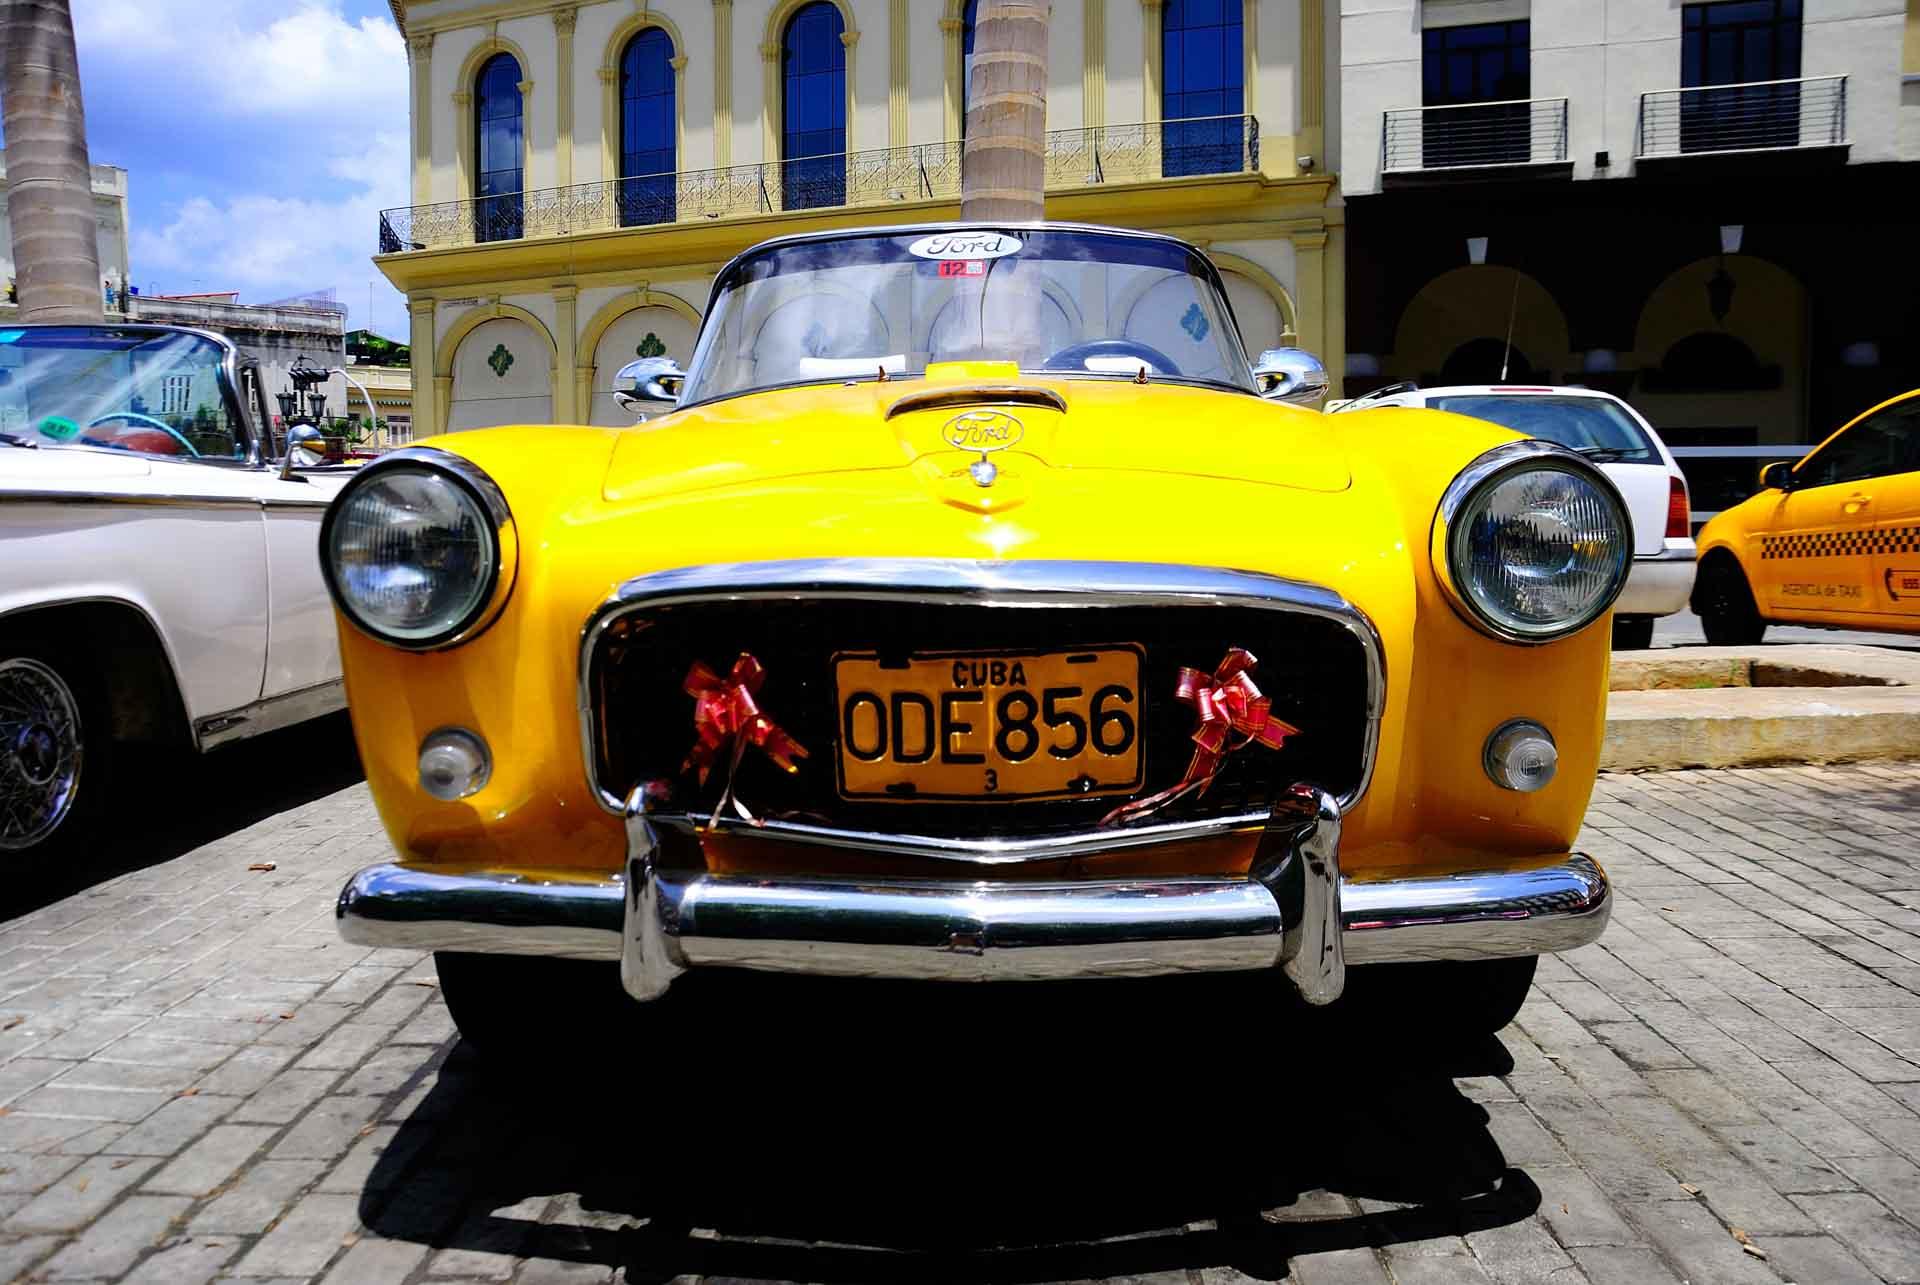 Havana Cuba Vintage Car 4, havana, cuba, pescart, photo blog, travel blog, blog, photo travel blog, enrico pescantini, pescantini